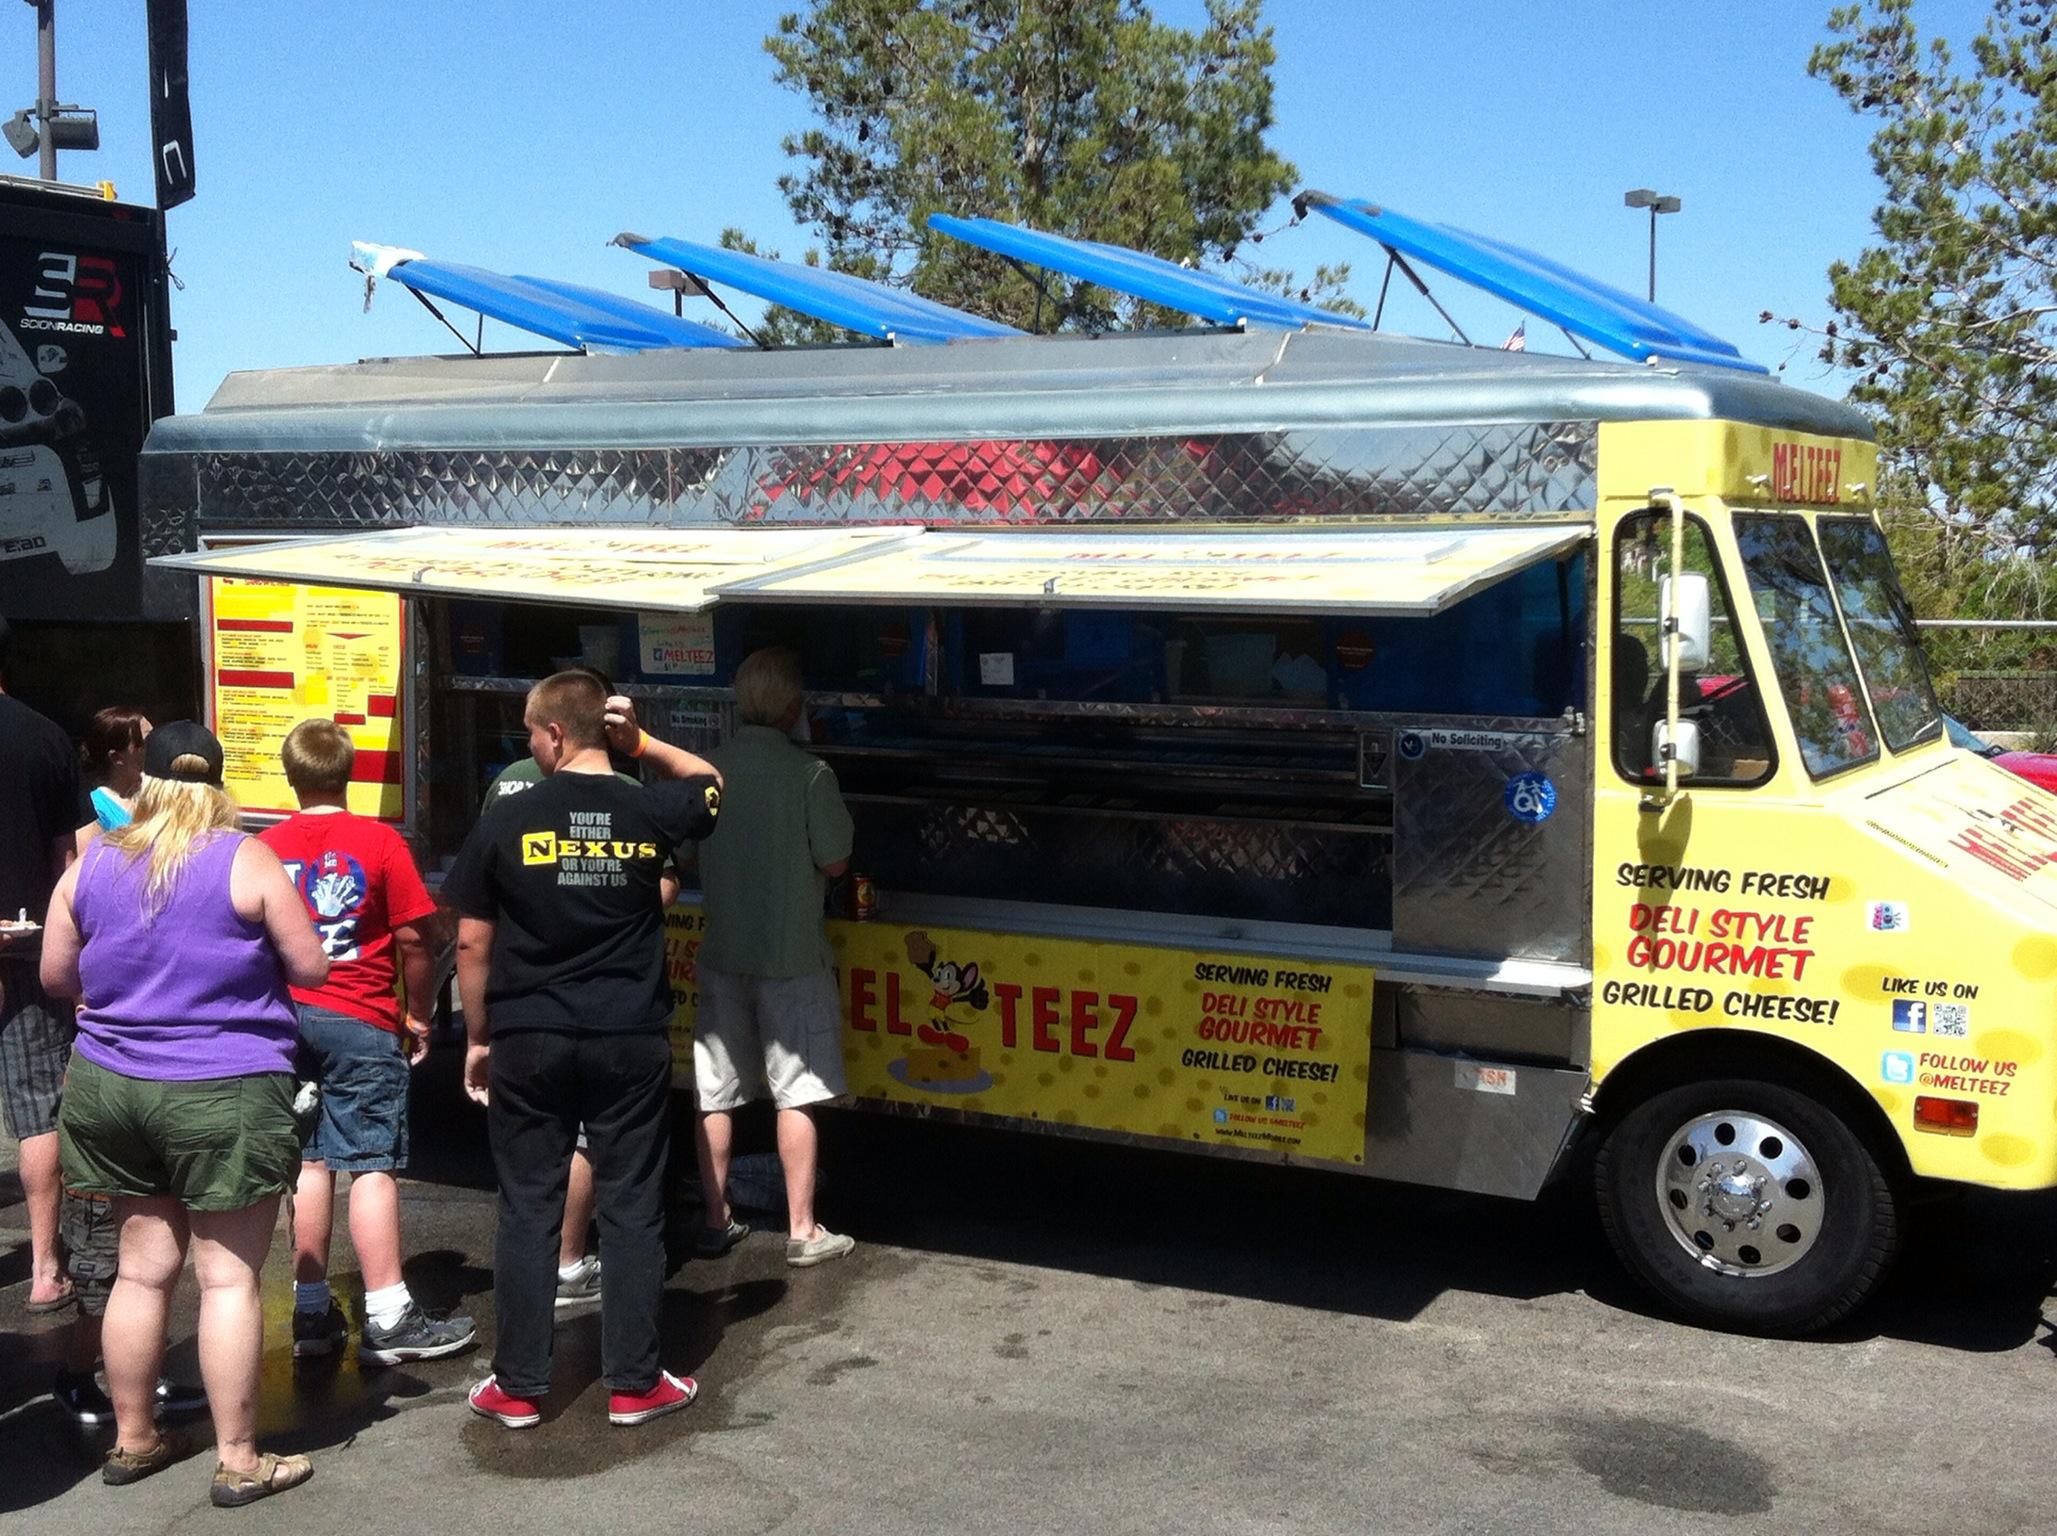 The Golden Goose Food Truck